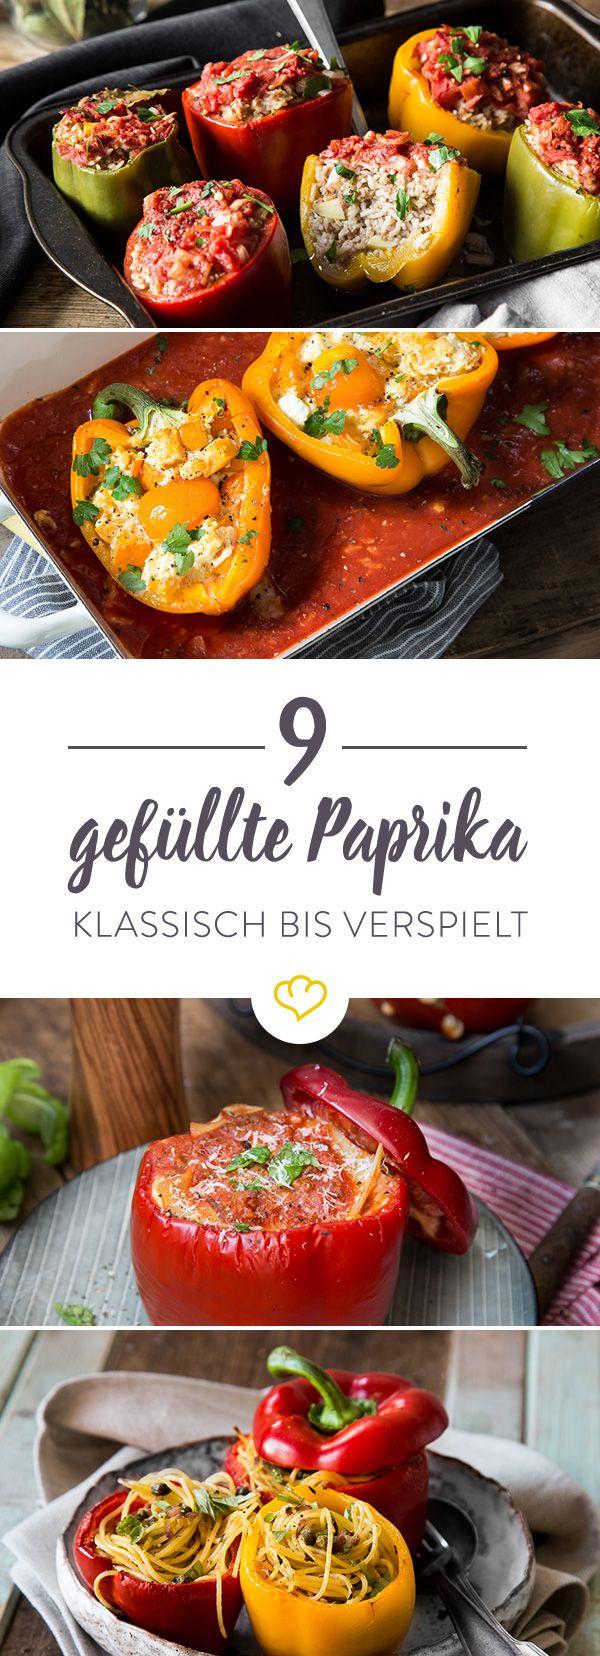 Da es ja bekanntlich auf die inneren Werte ankommt, kannst du die Paprika mit leckersten Zutaten füllen. Hier gibt's die gefüllte Paprika in 9 Varianten.